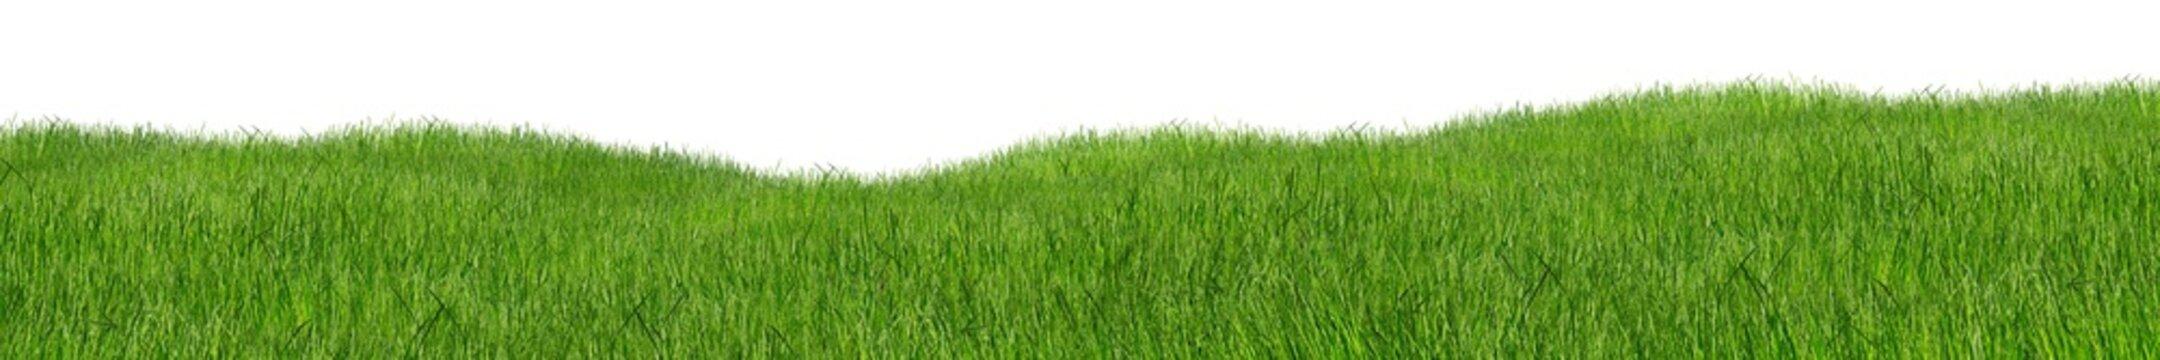 green hilly grass landscape panorama isolated on white background / Grün hügelige Wiese Gras landschaft isoliert vor weißem Hintergrund